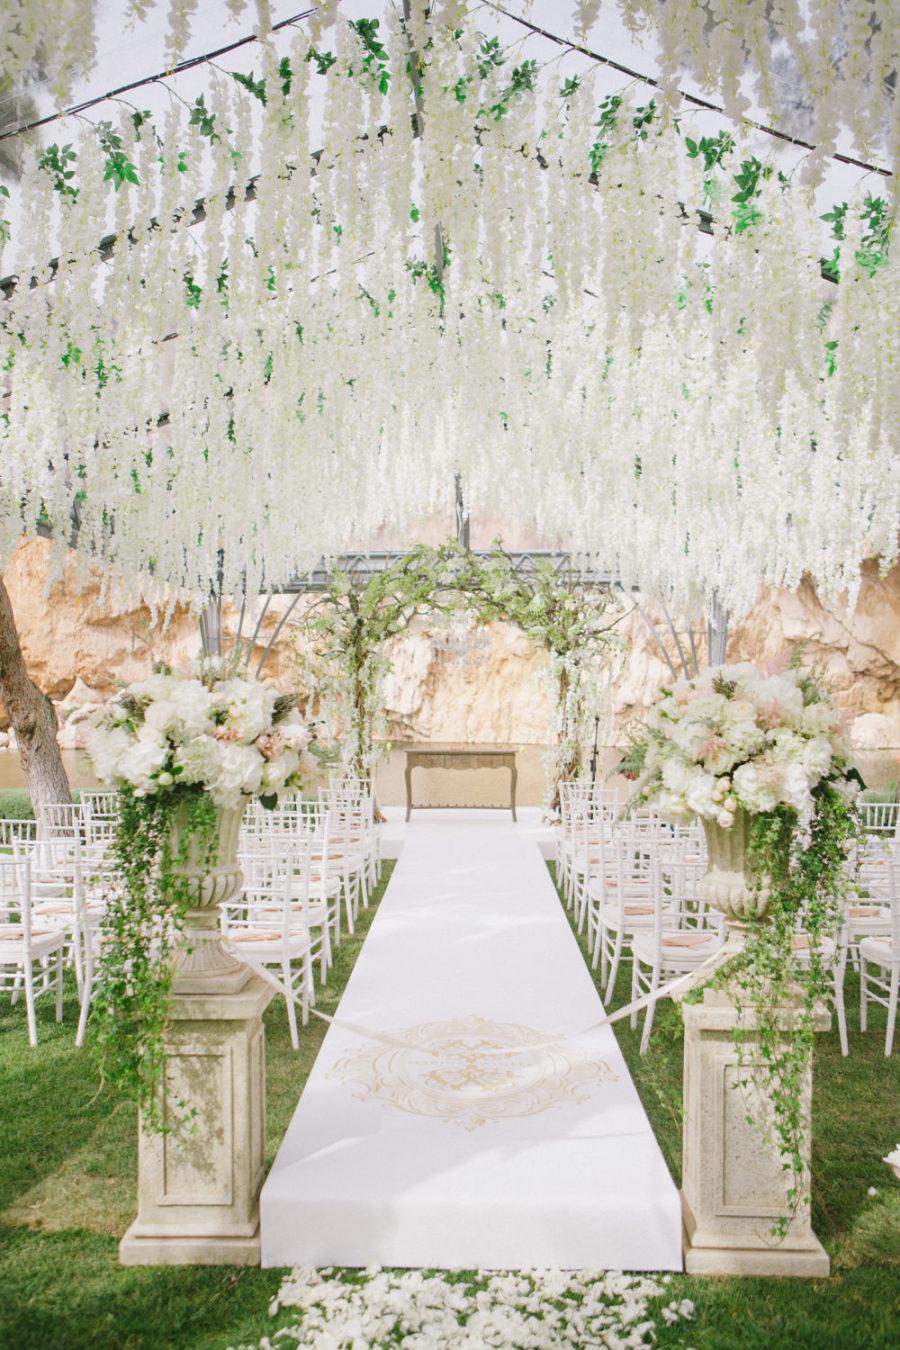 Lake Vouliagmenis wedding